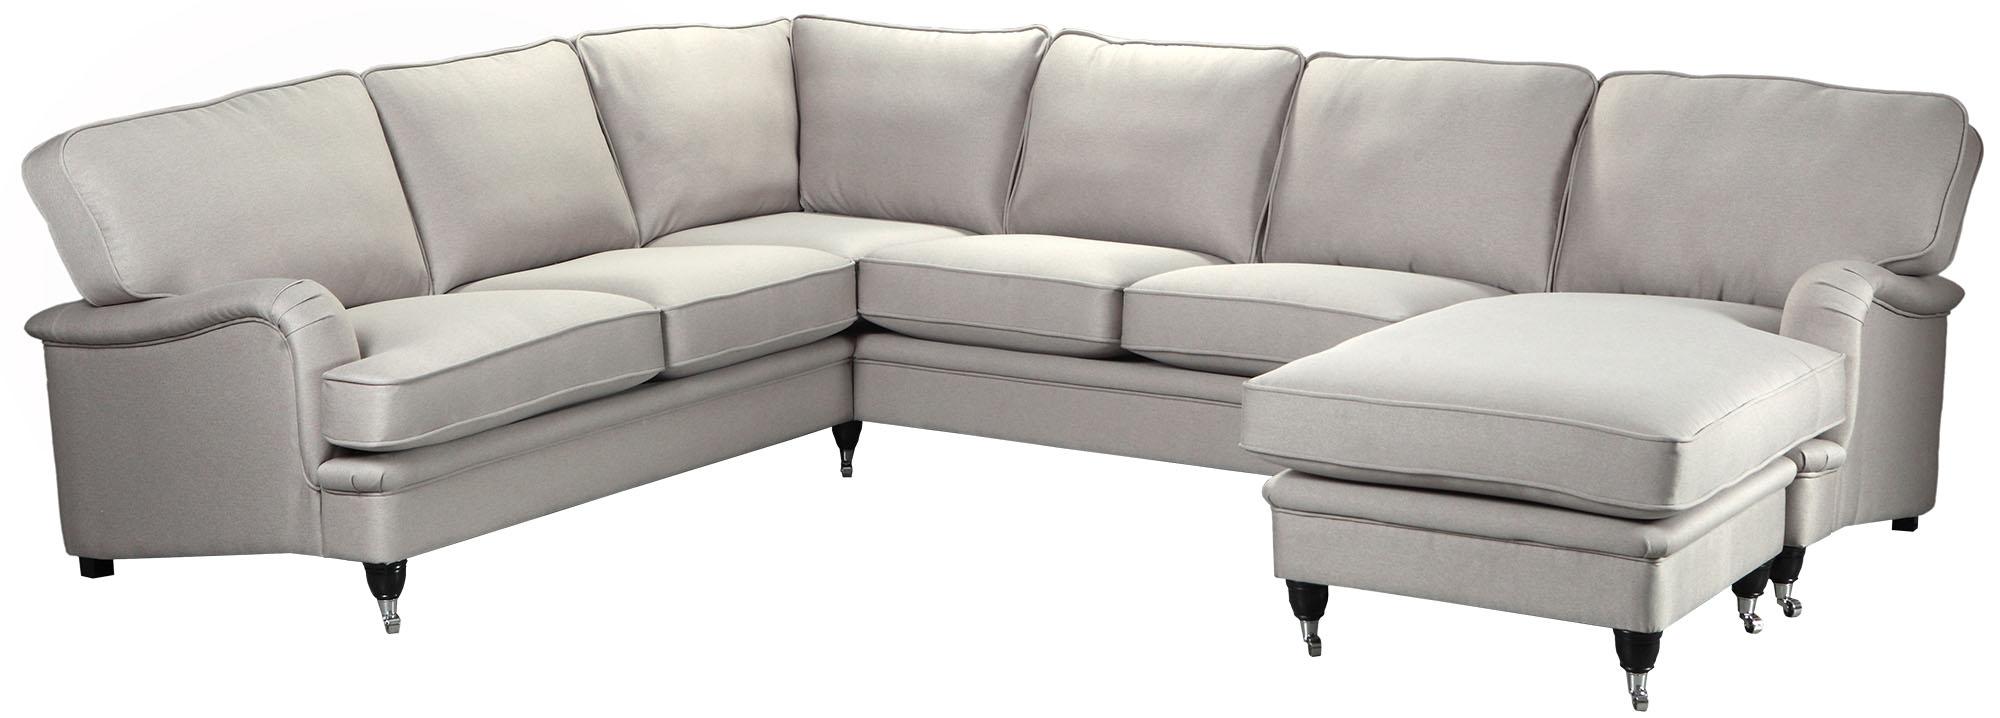 Howard Luxor hörnsoffa XL med divandel - Valfri färg!